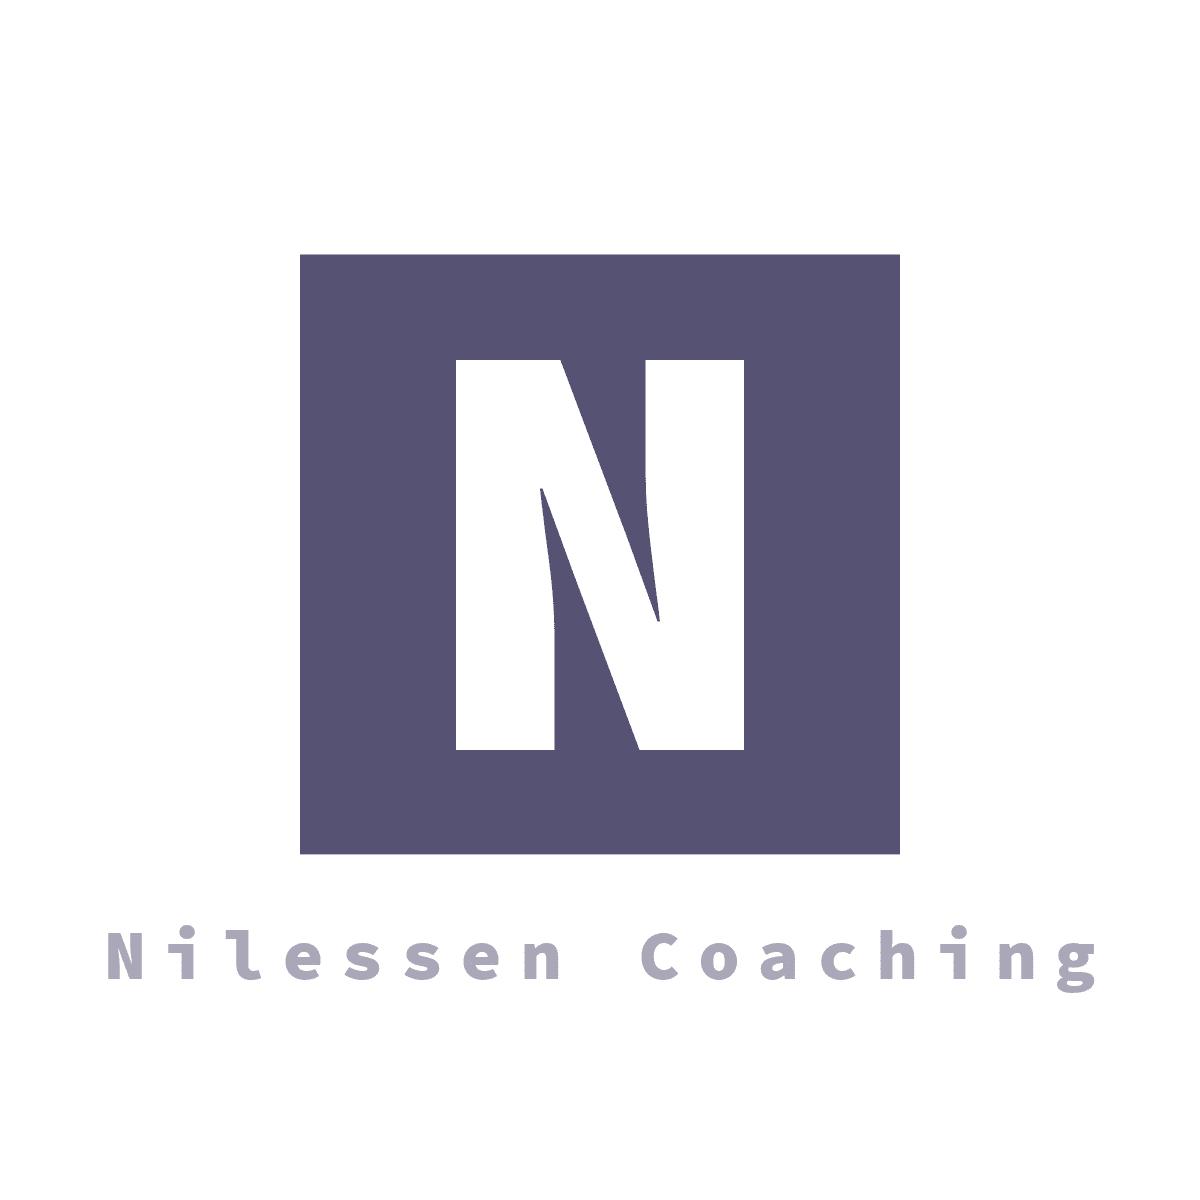 nillessen coaching